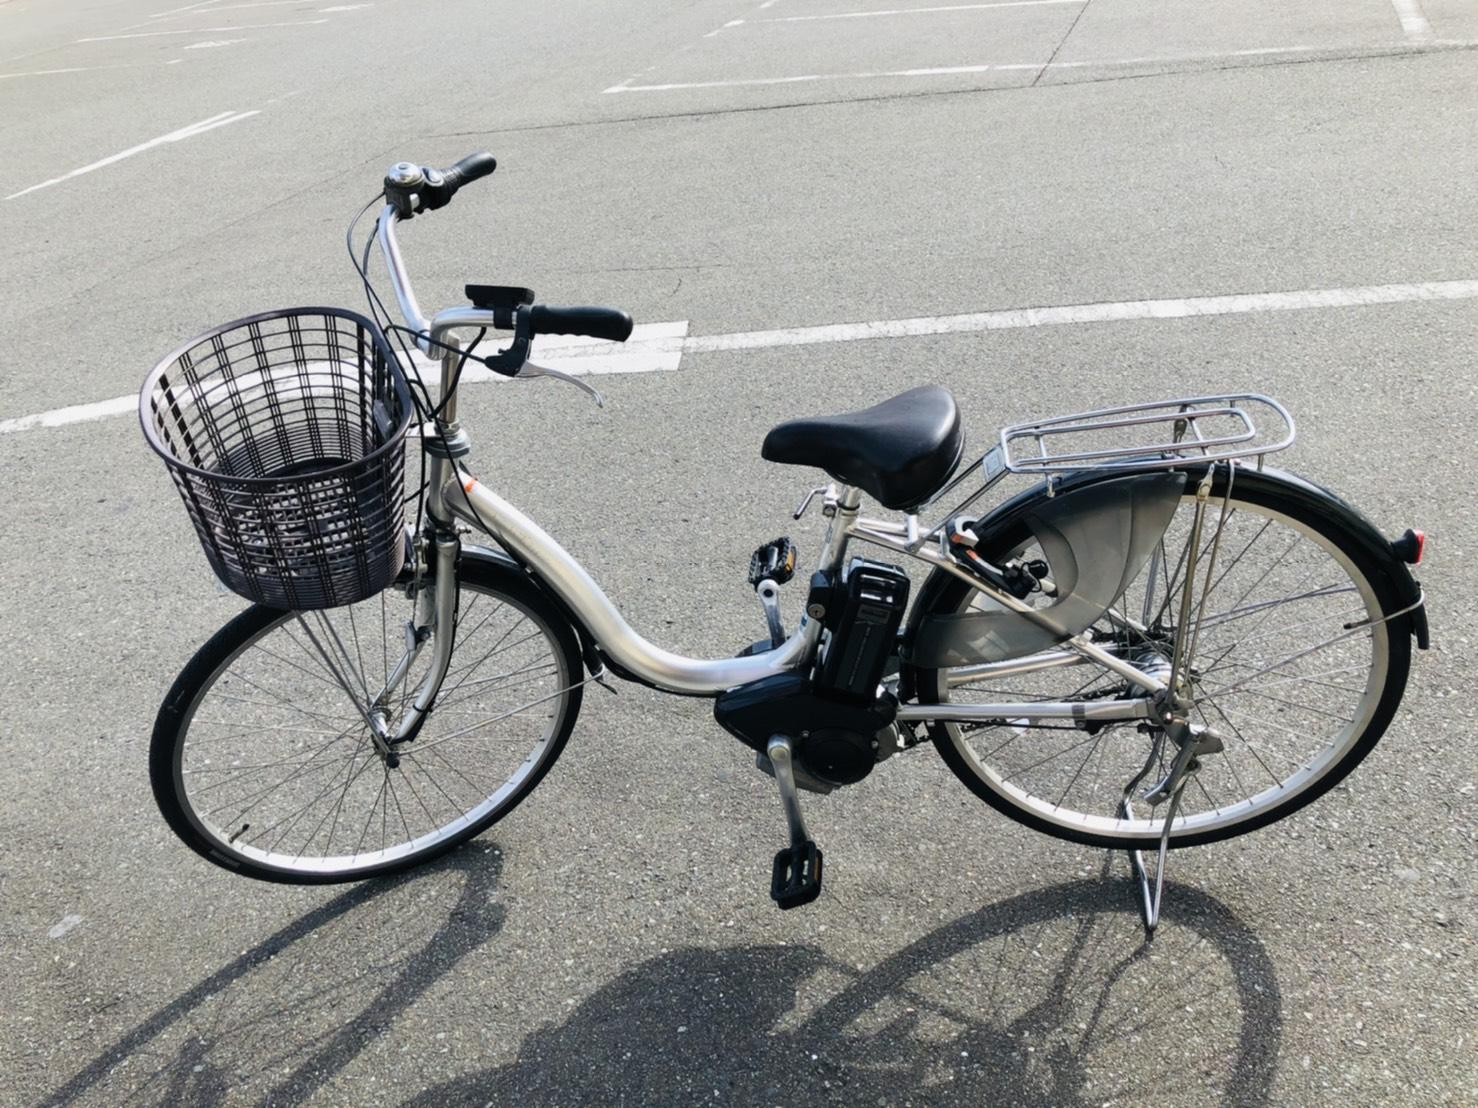 【YAMAHA(ヤマハ) /  PAS ナチュラ /  人気の電動アシスト自転車 /  26インチ自転車】買取させて頂きました!!の買取-